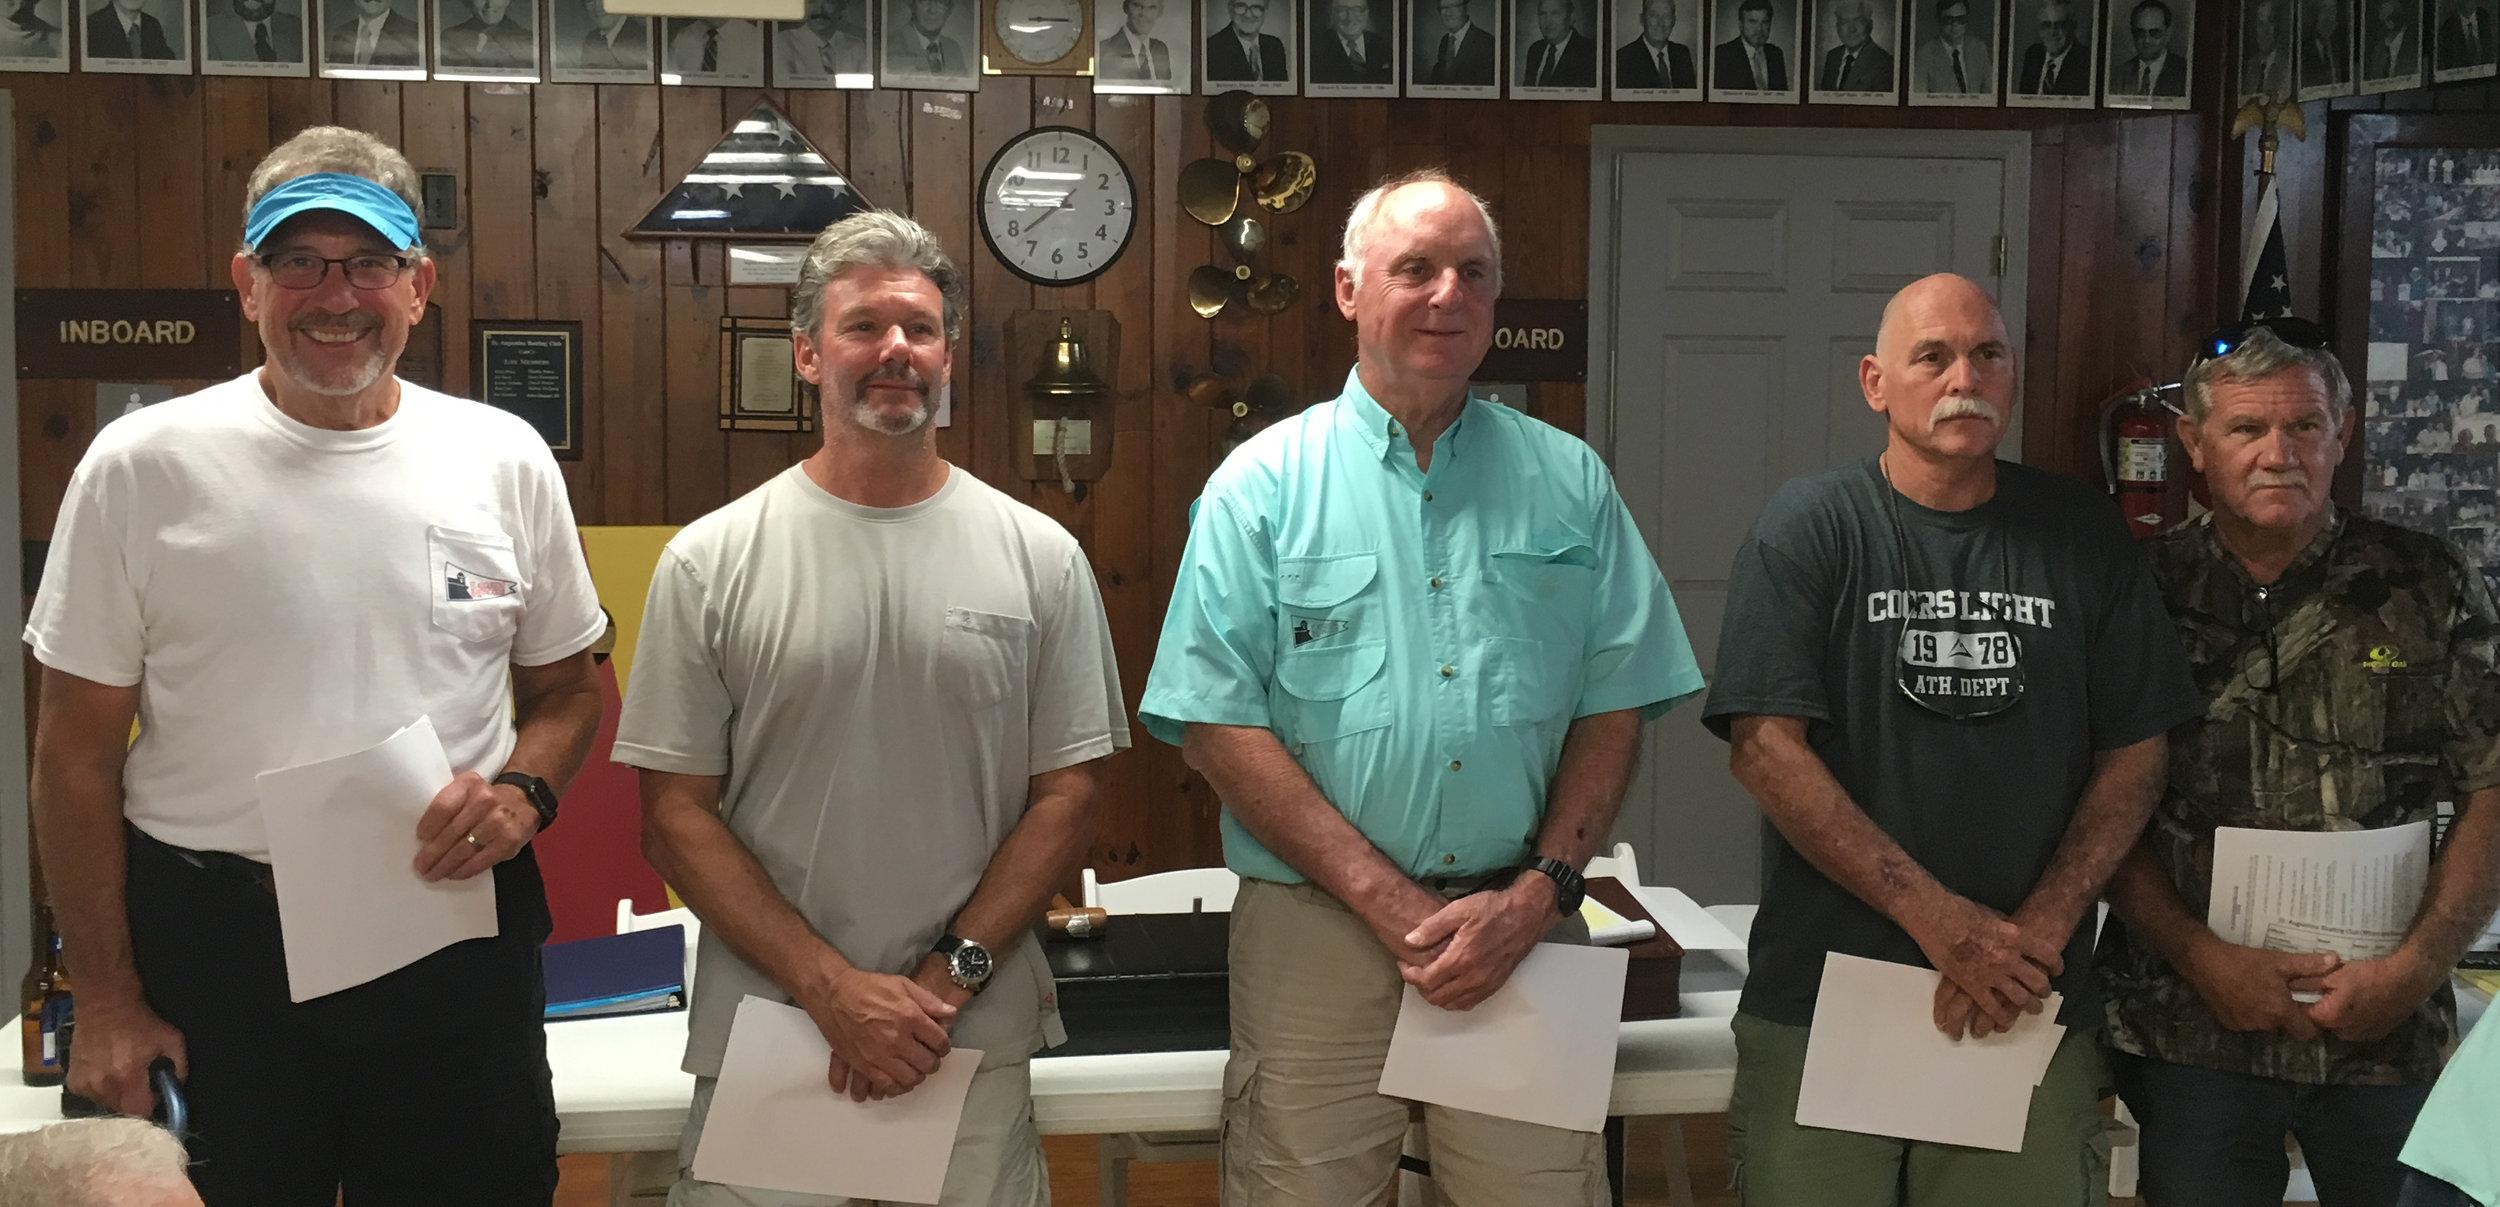 Left to right: Bill Long, Board Member • Scott Gardner, Treasurer • Bill Craig, Recording Secretary • Tommy Hobbs, Commodore • Mike Colee, Board Member